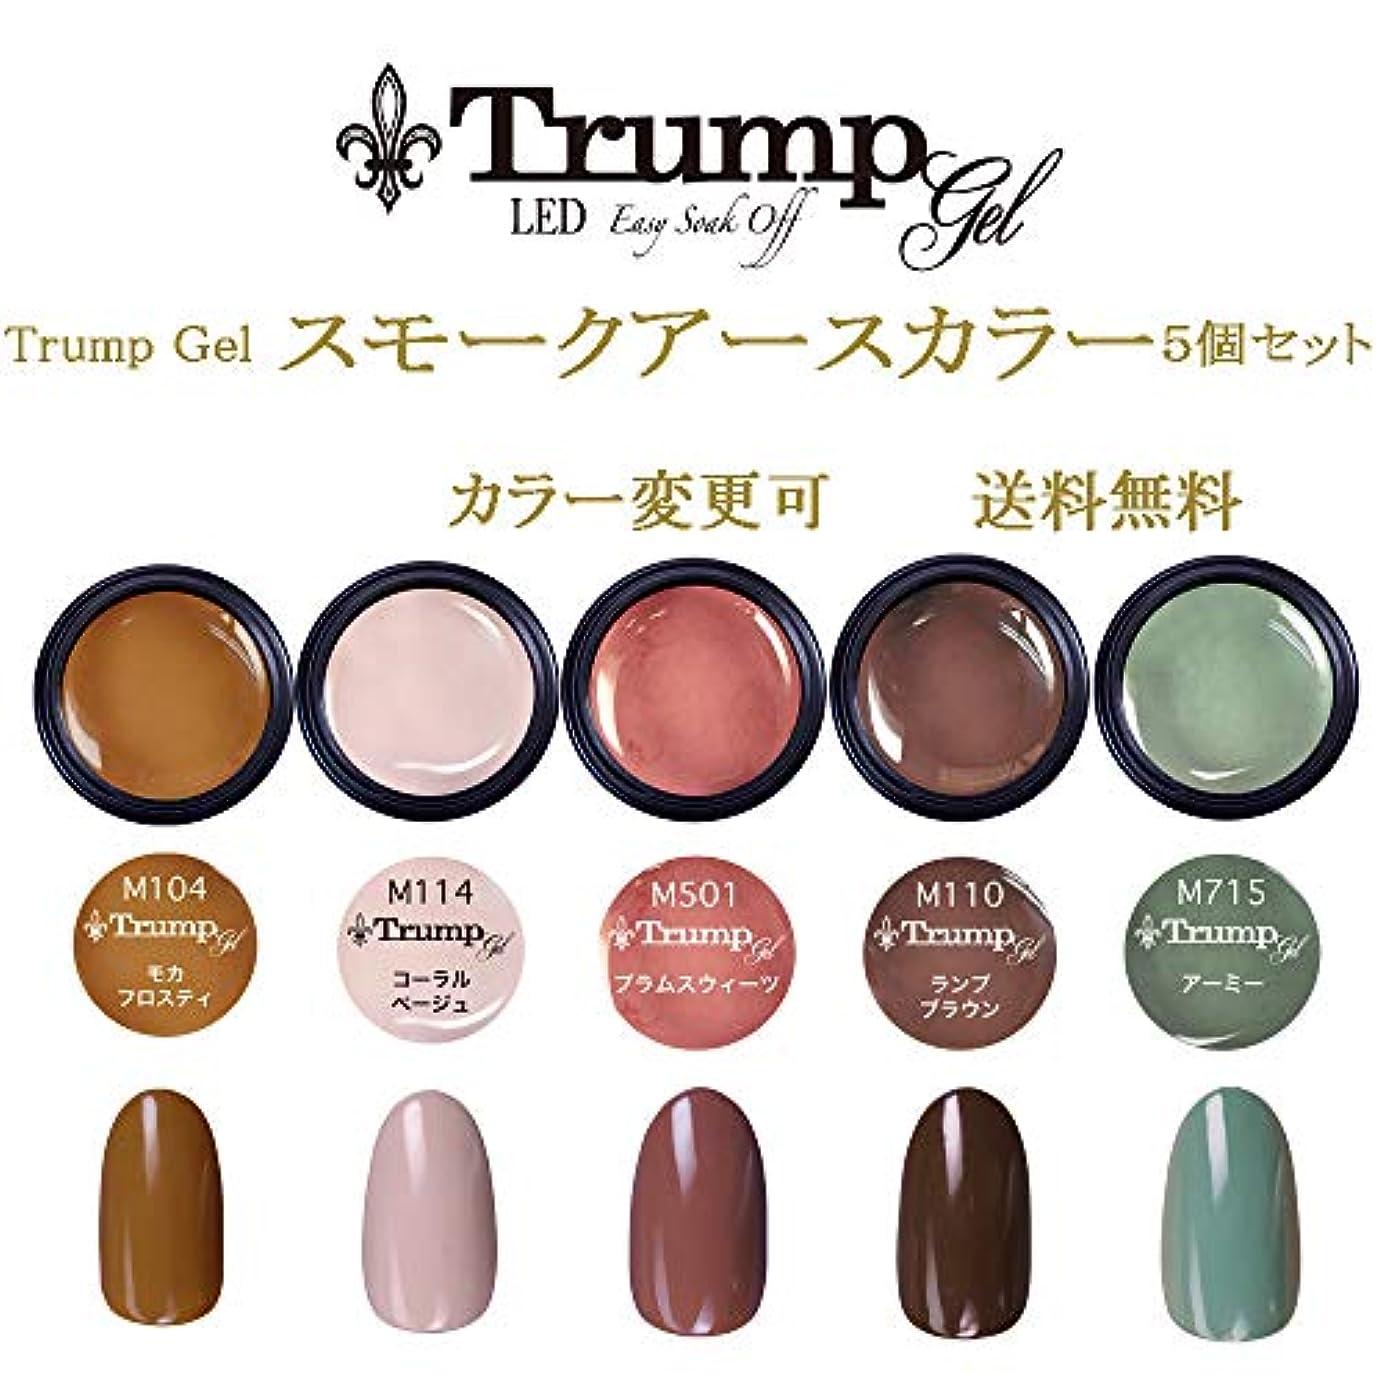 ゴミ箱冷淡な陰気【送料無料】日本製 Trump gel トランプジェル スモークアース 選べる カラージェル 5個セット スモーキー アースカラー ベージュ ブラウン マスタード カーキ カラー